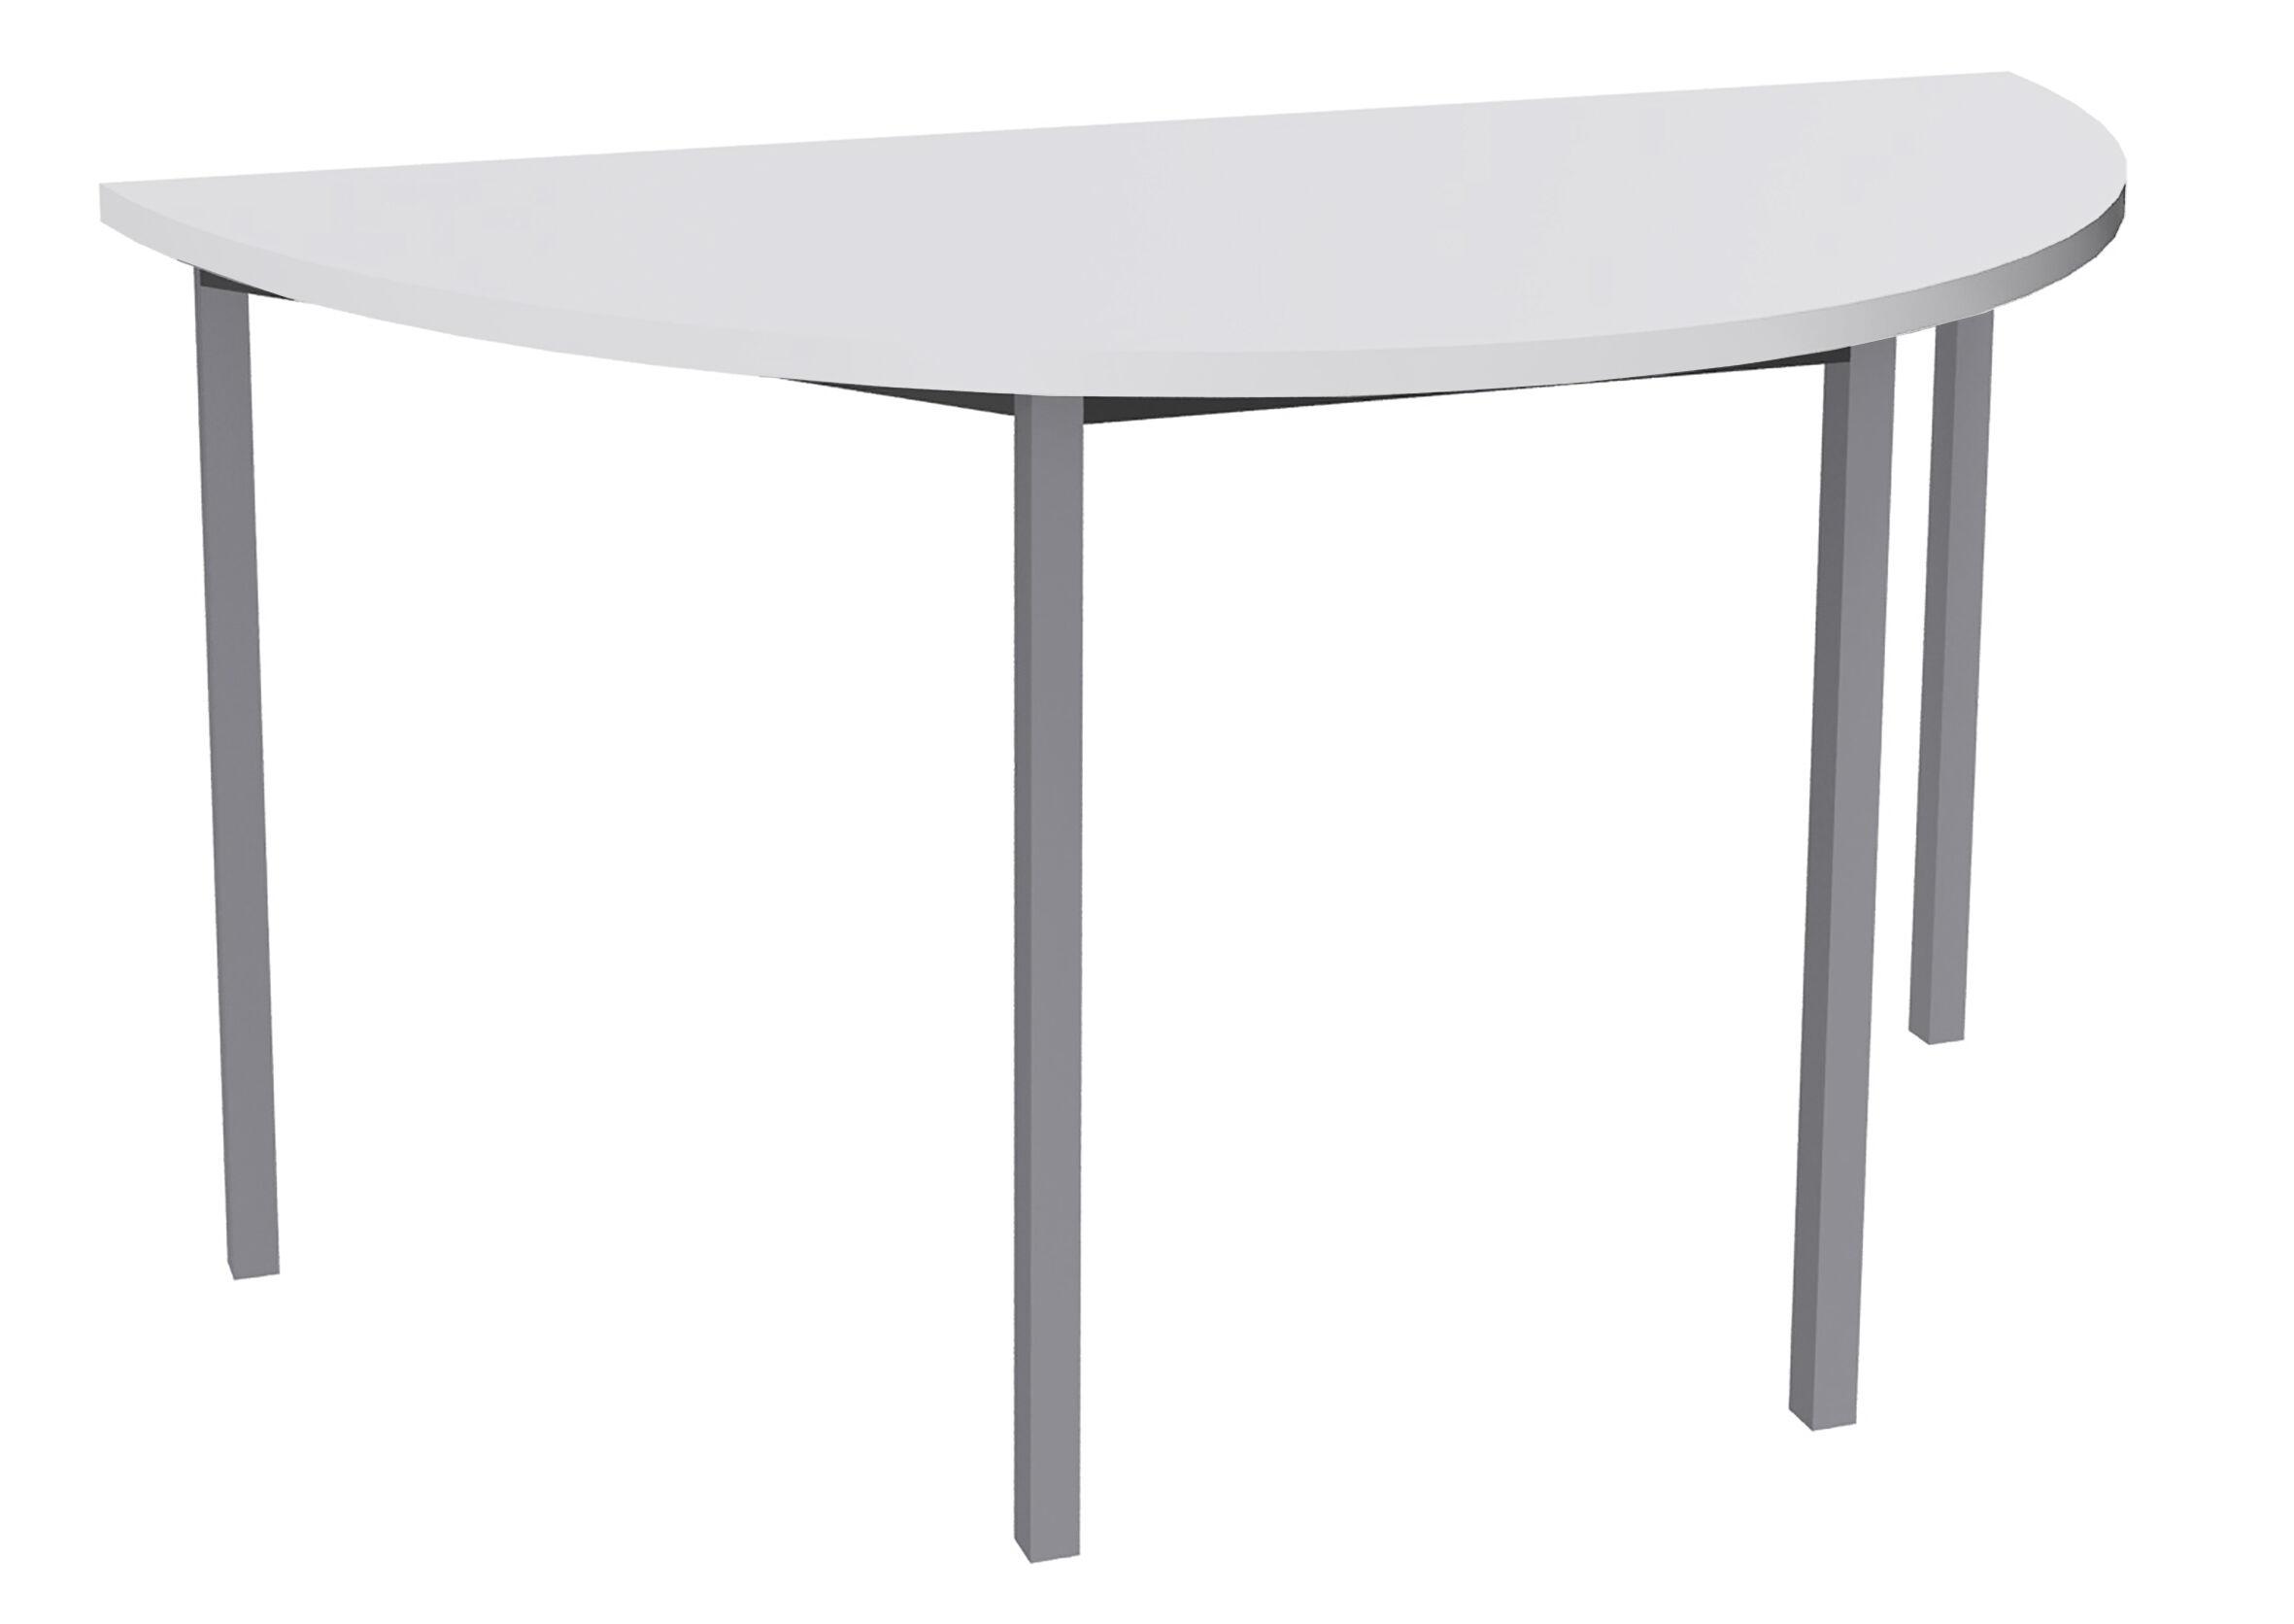 Table de réunion Demi-lune - 120 x 60 cm - Pieds aluminium - Blanc perle